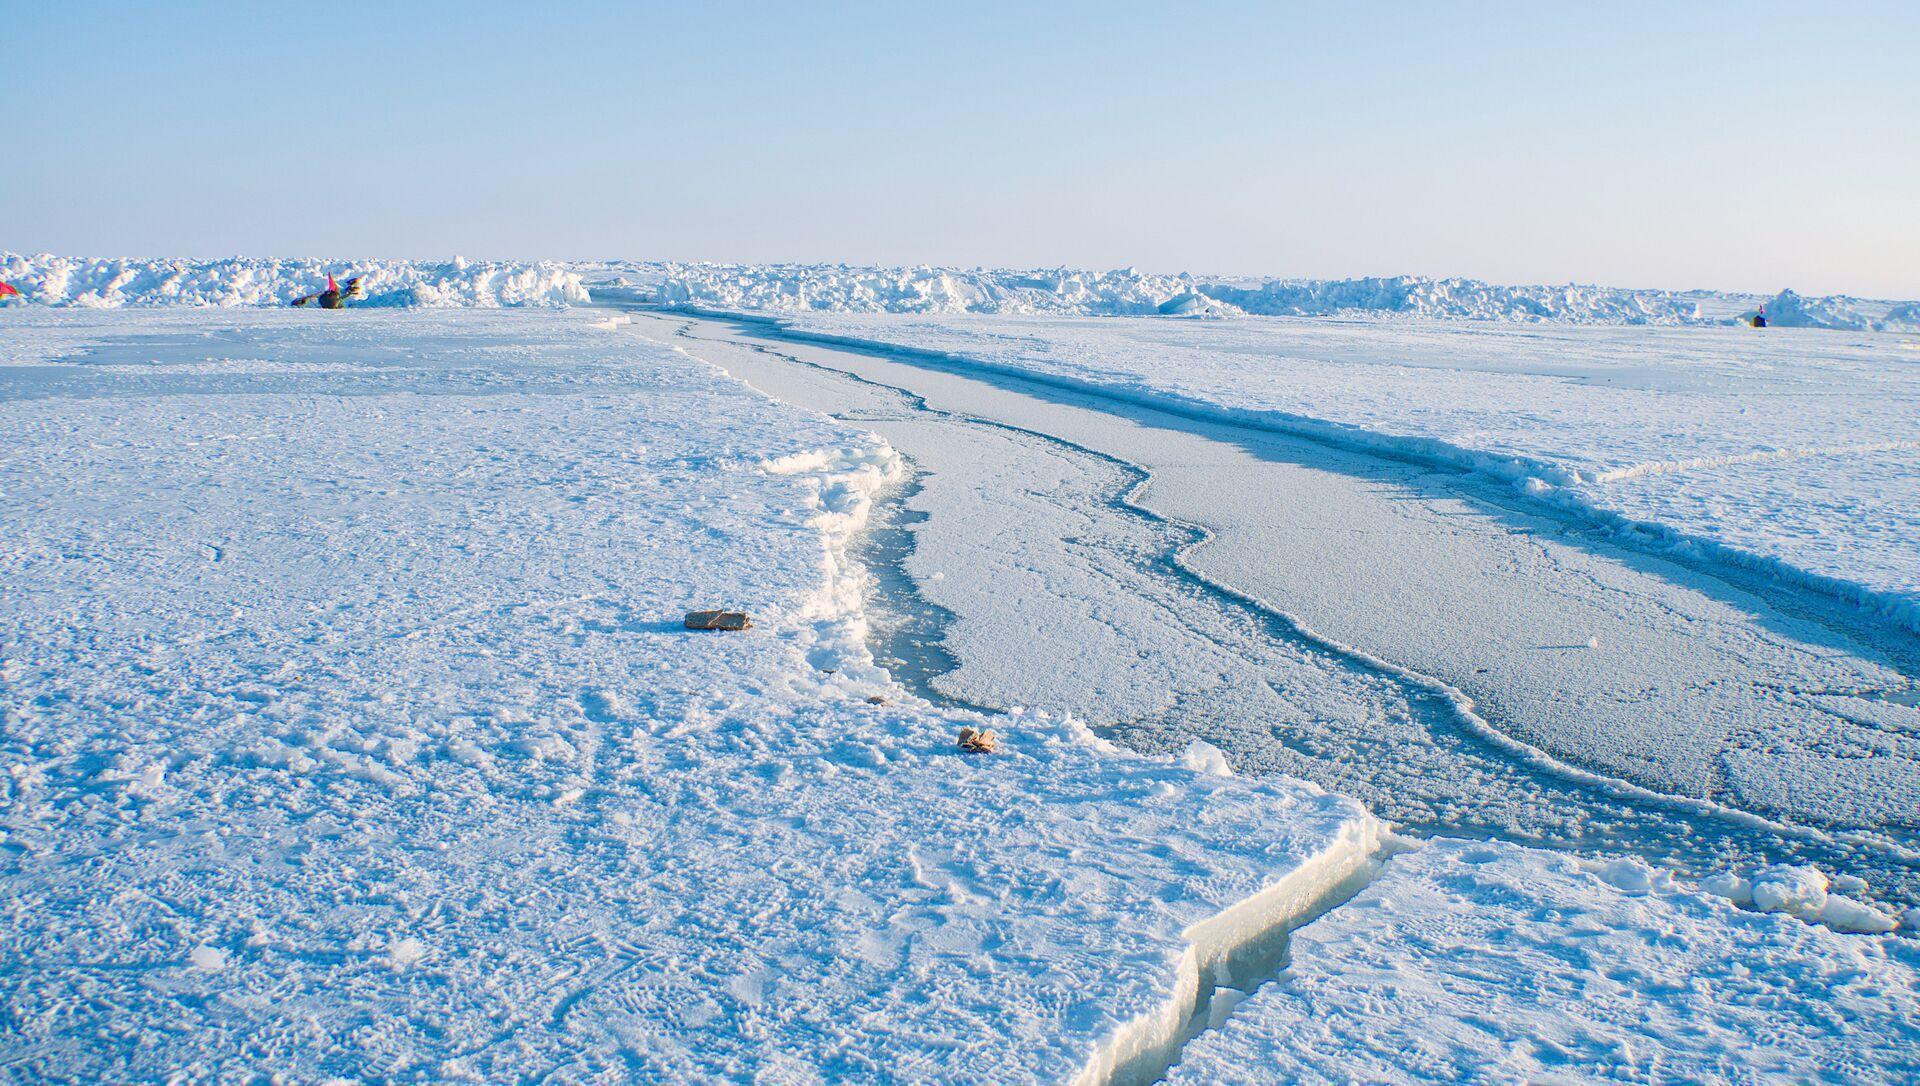 Дрейфующий ледовый лагерь Барнео в Арктике - Sputnik Армения, 1920, 18.06.2021